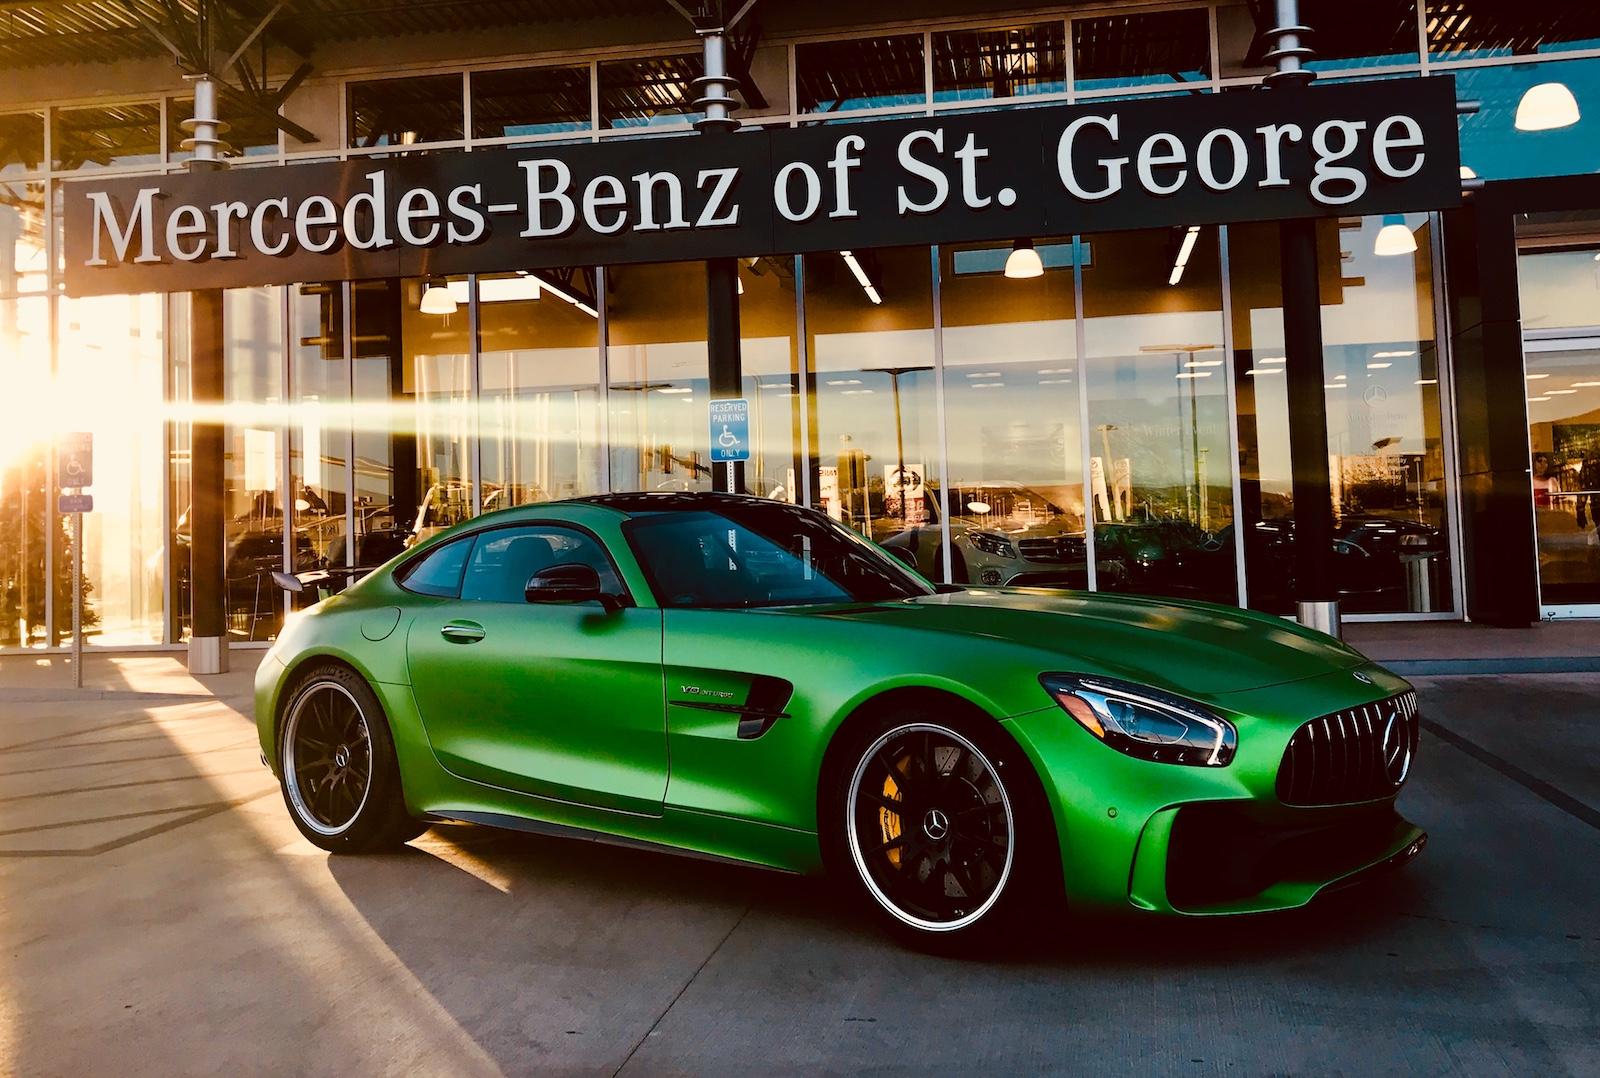 Green Mercedes-Benz AMG GT